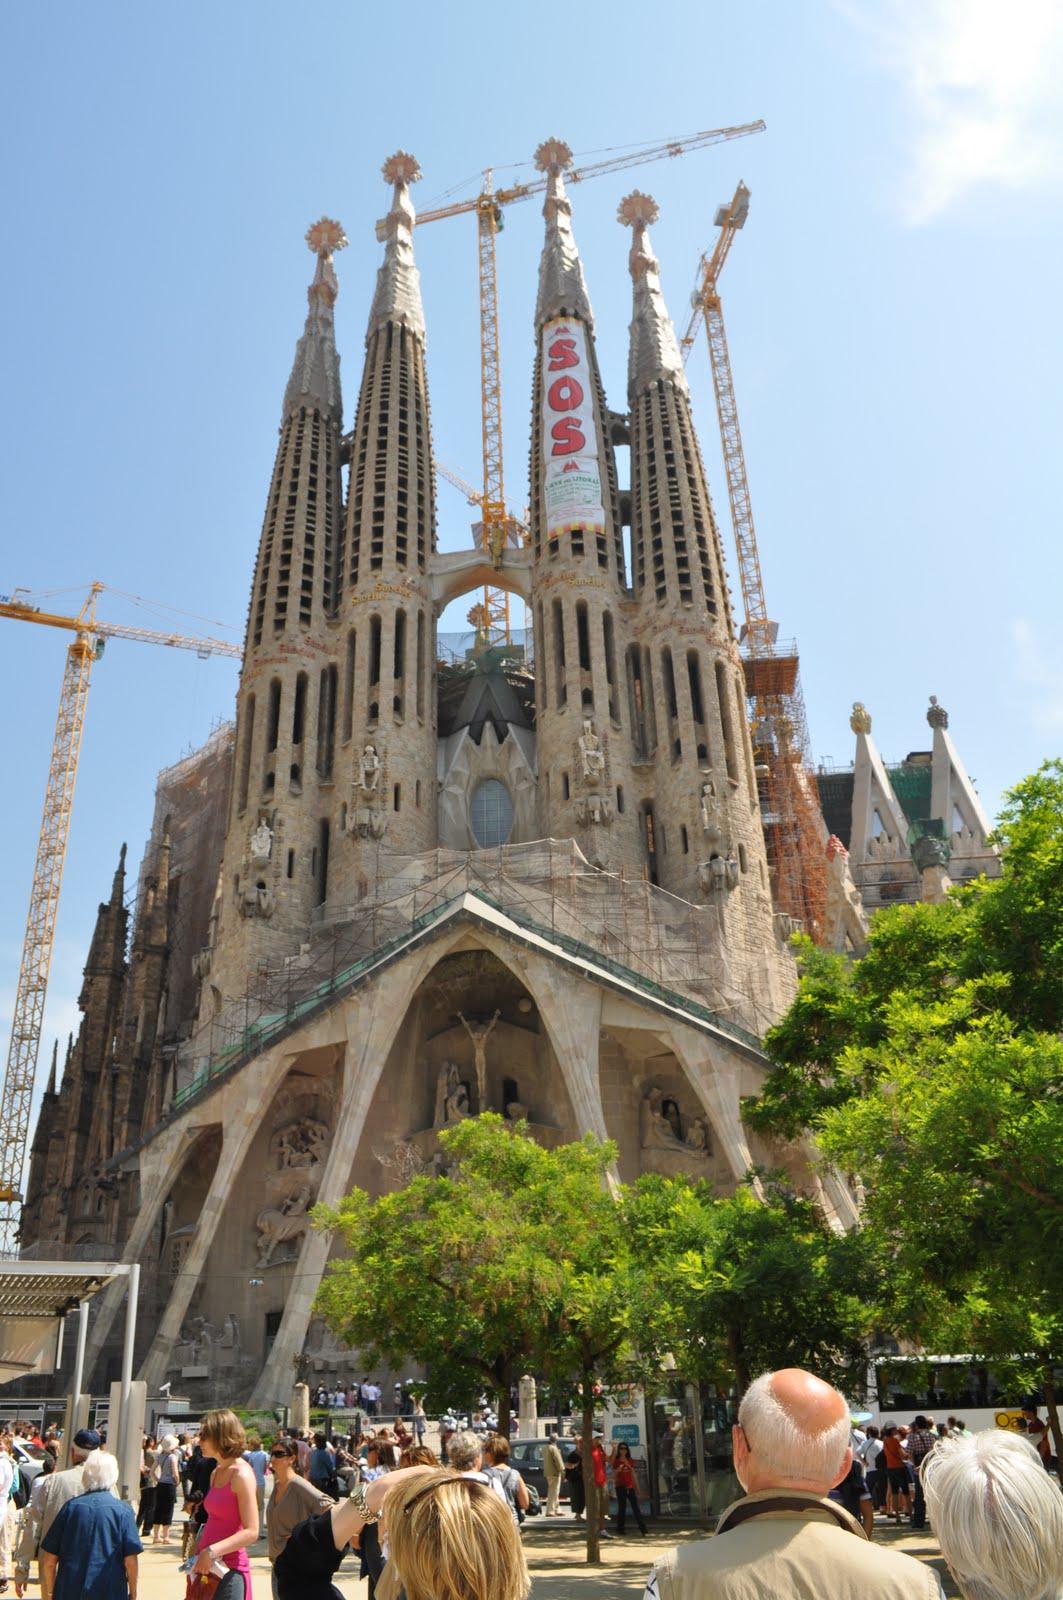 Sagrada Familia: All About Aubrey: Day 7